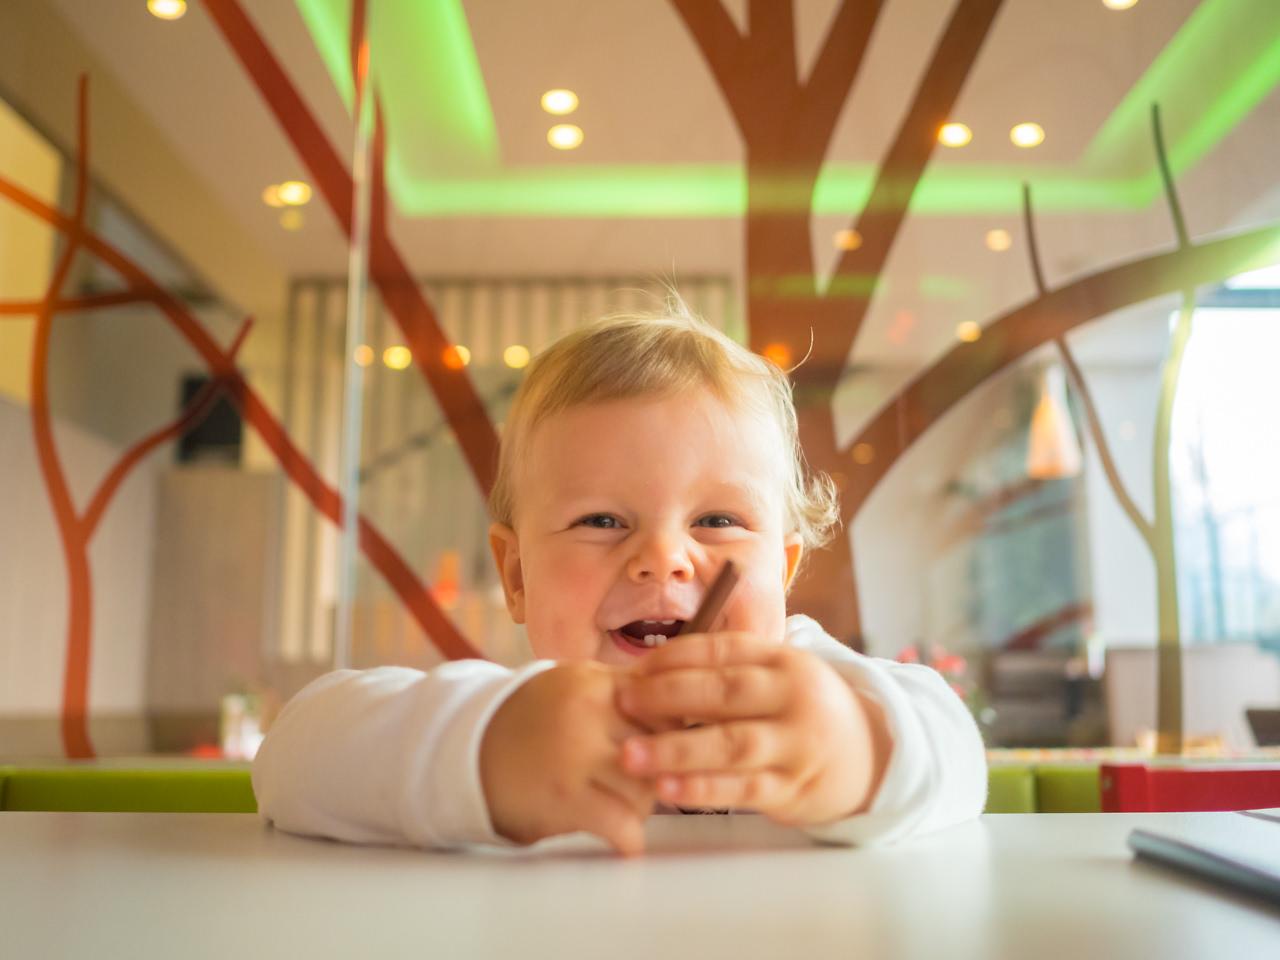 Kind glücklich und lachend im Kinderspielbereich des ALL IN Hotels Restaurants